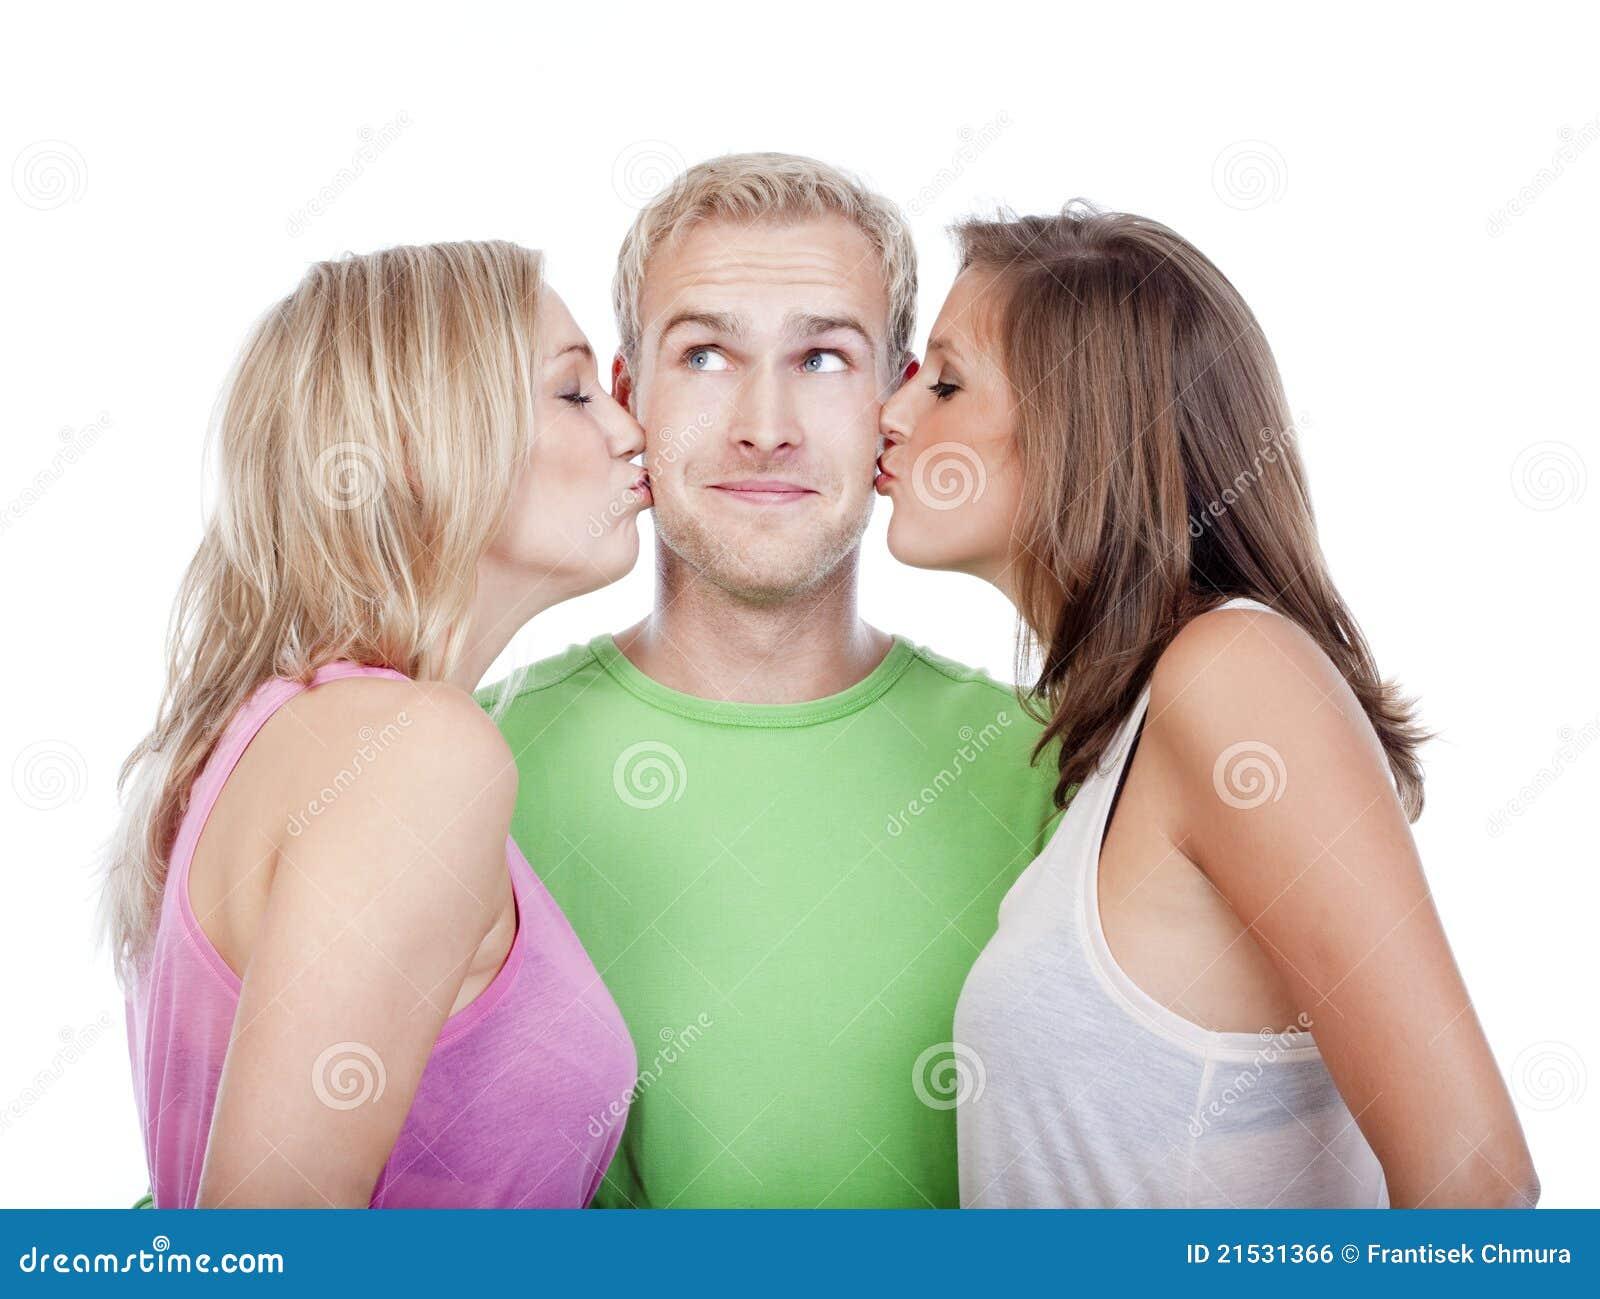 Три девушки поймали парня и, В парке три девушки раздели парня и дрочат ему член 23 фотография